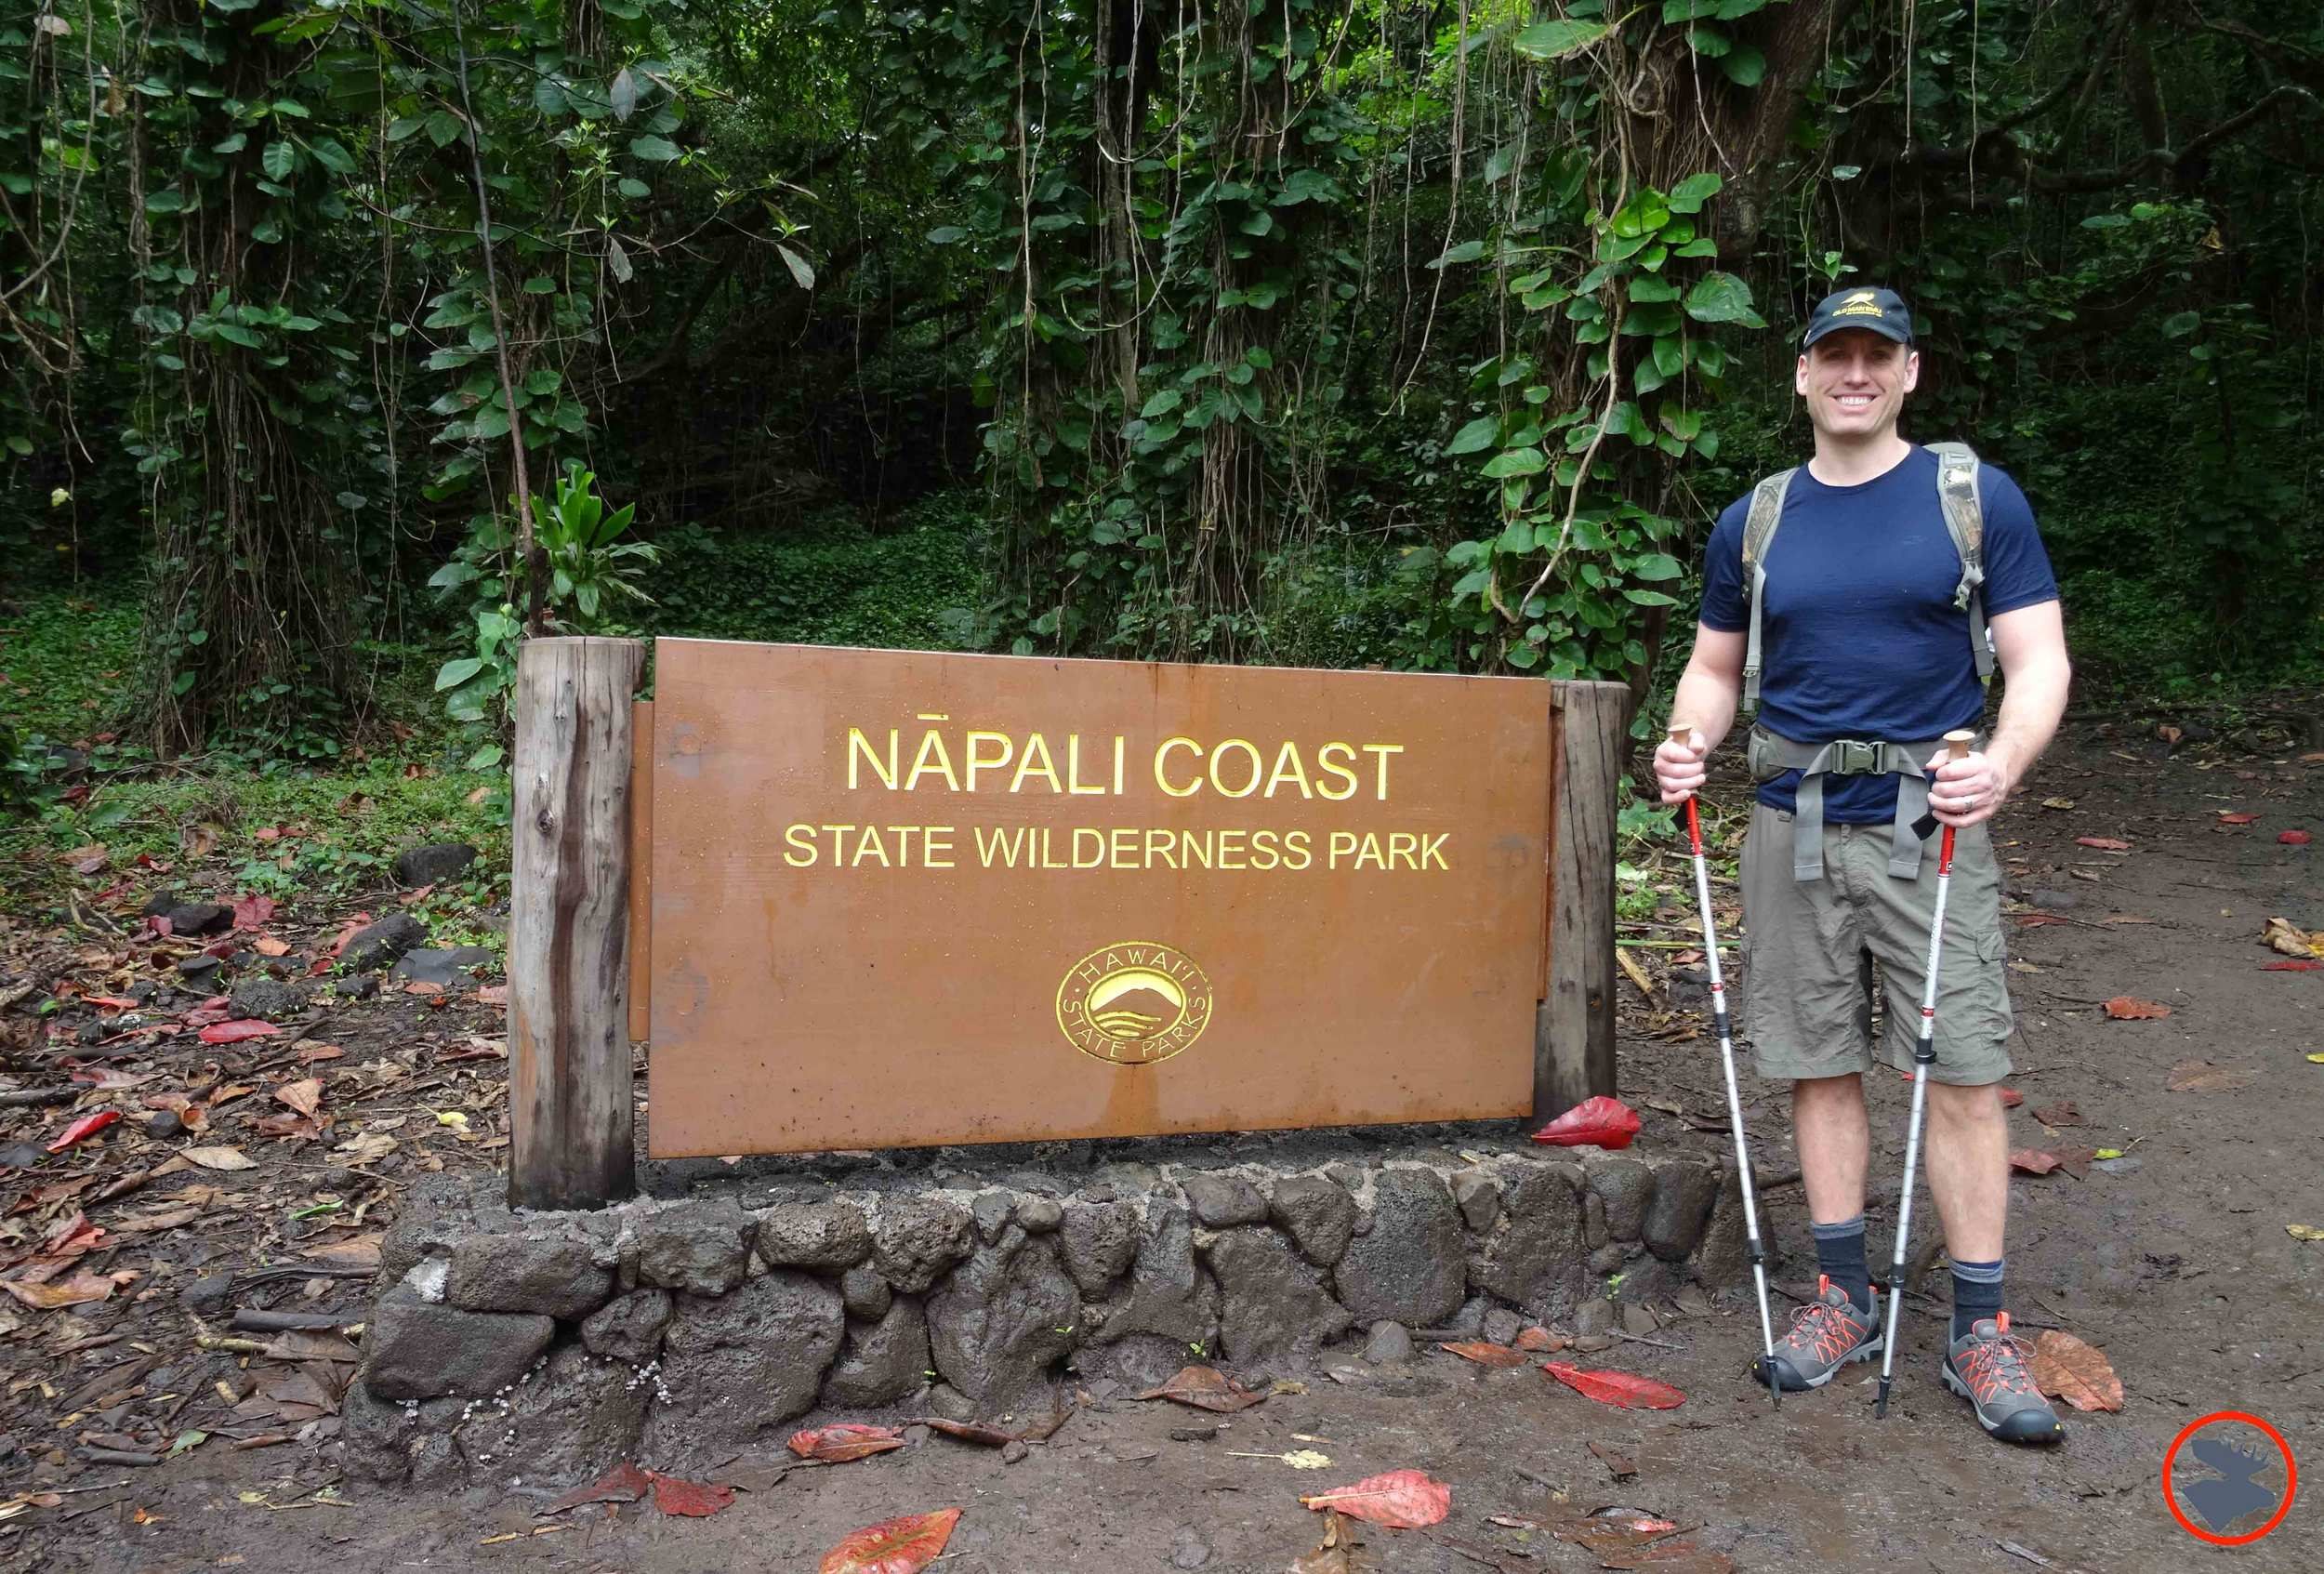 Scott-at-Napali-Coast.jpg